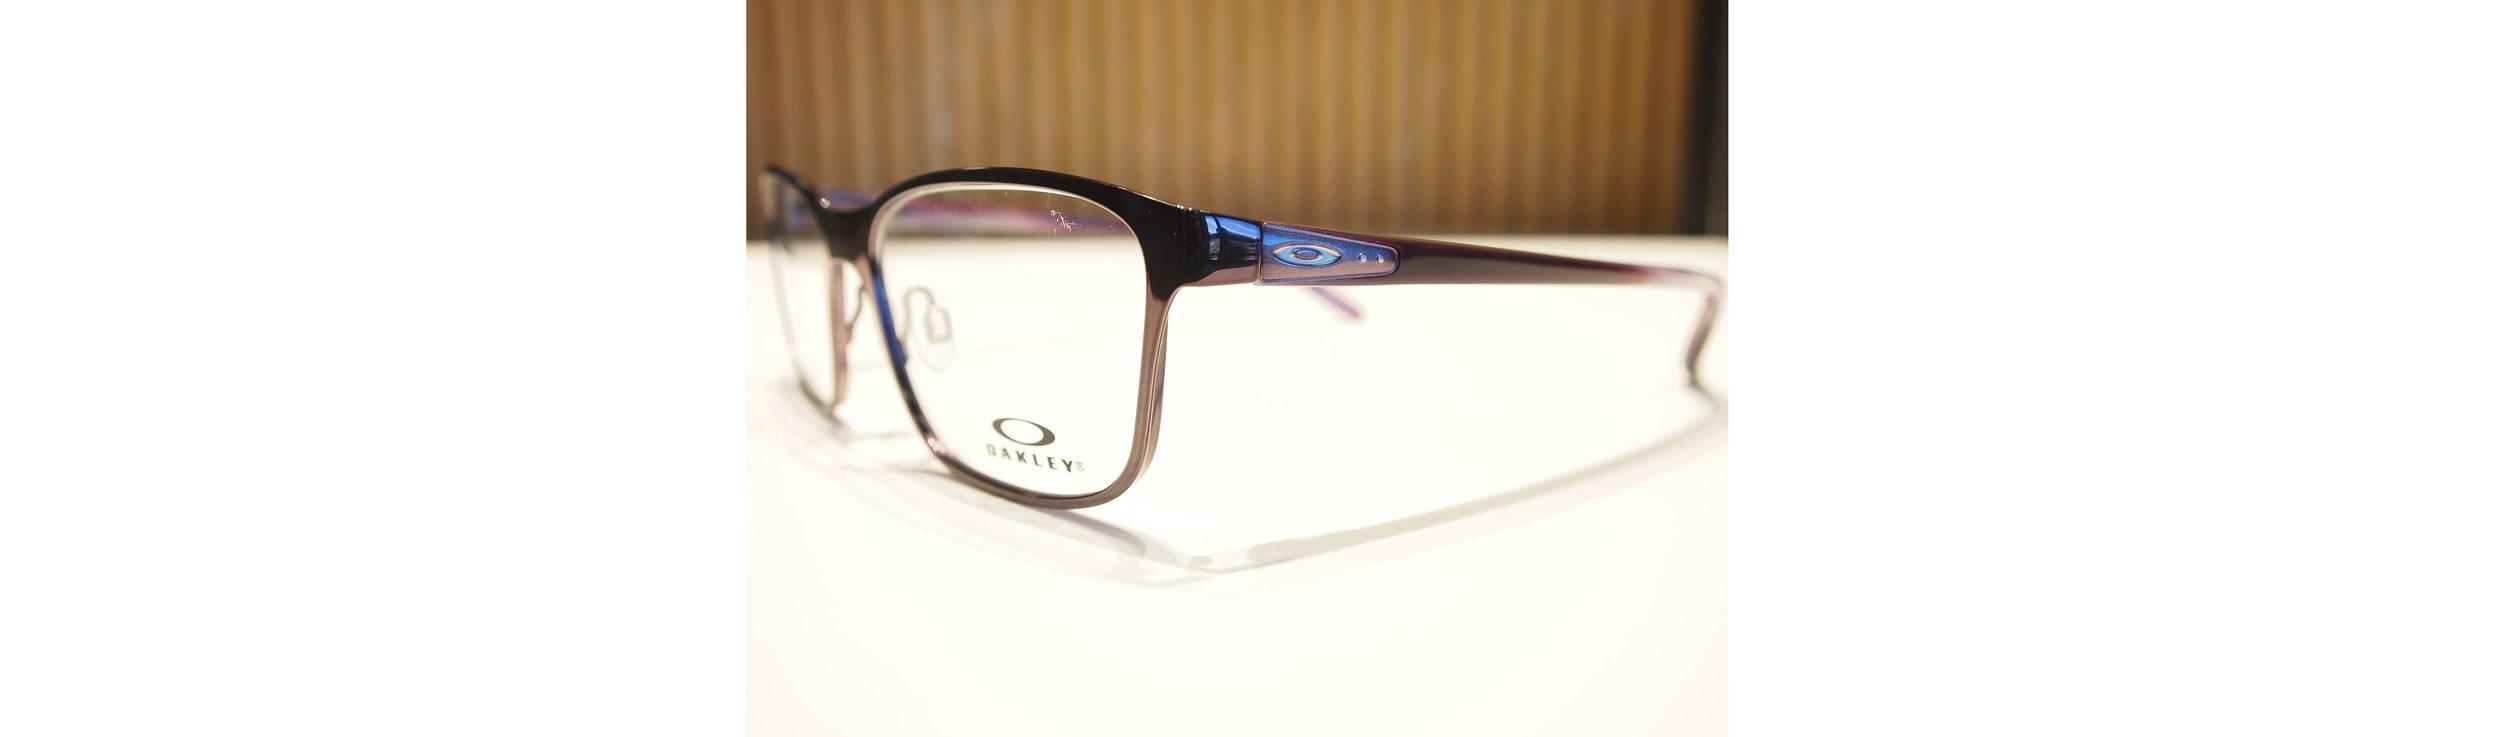 Oakley 1B - Copy.JPG